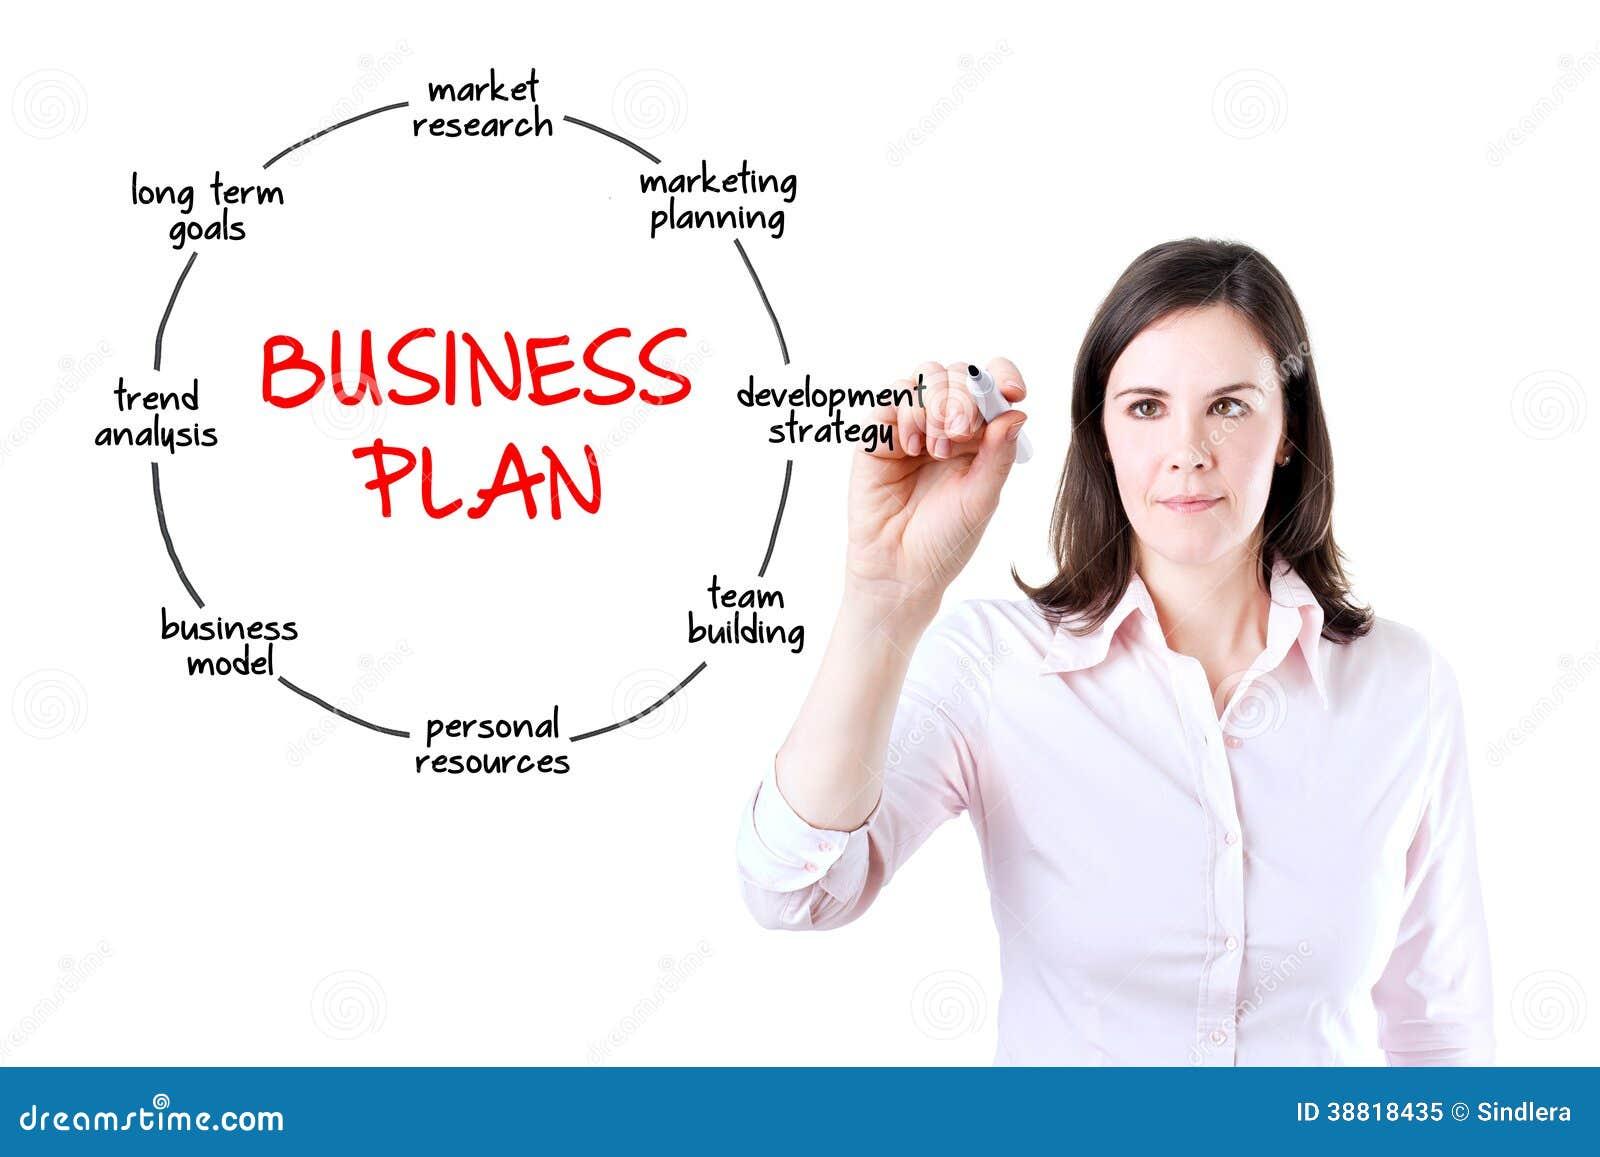 Business Plan for Women Entrepreneurs